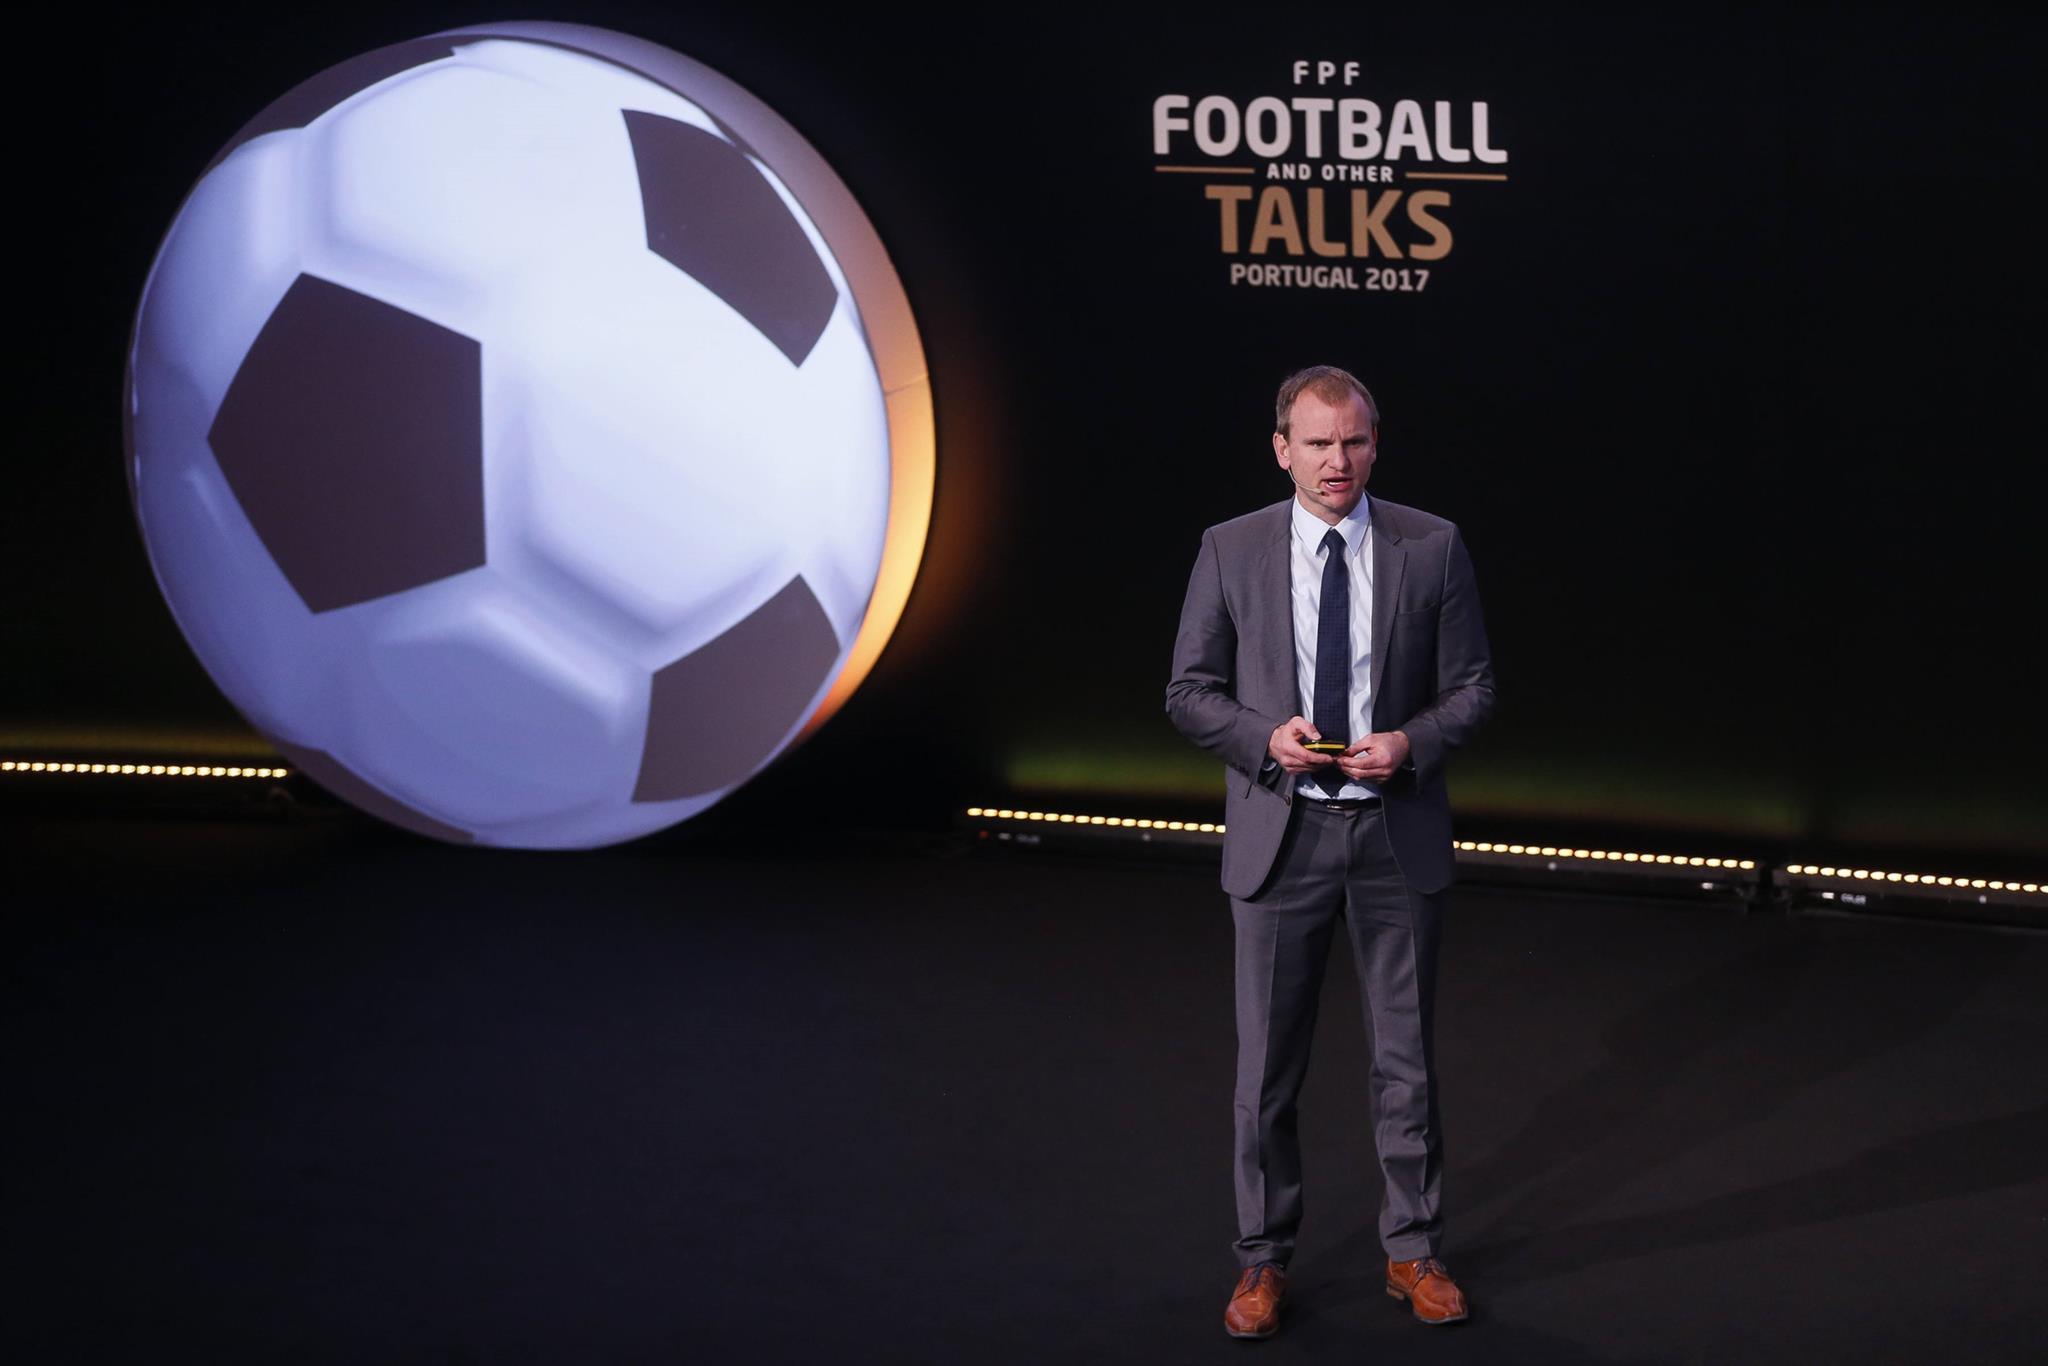 """PÚBLICO - """"Em média, um jogo da Liga portuguesa movimenta 30 milhões em apostas"""""""